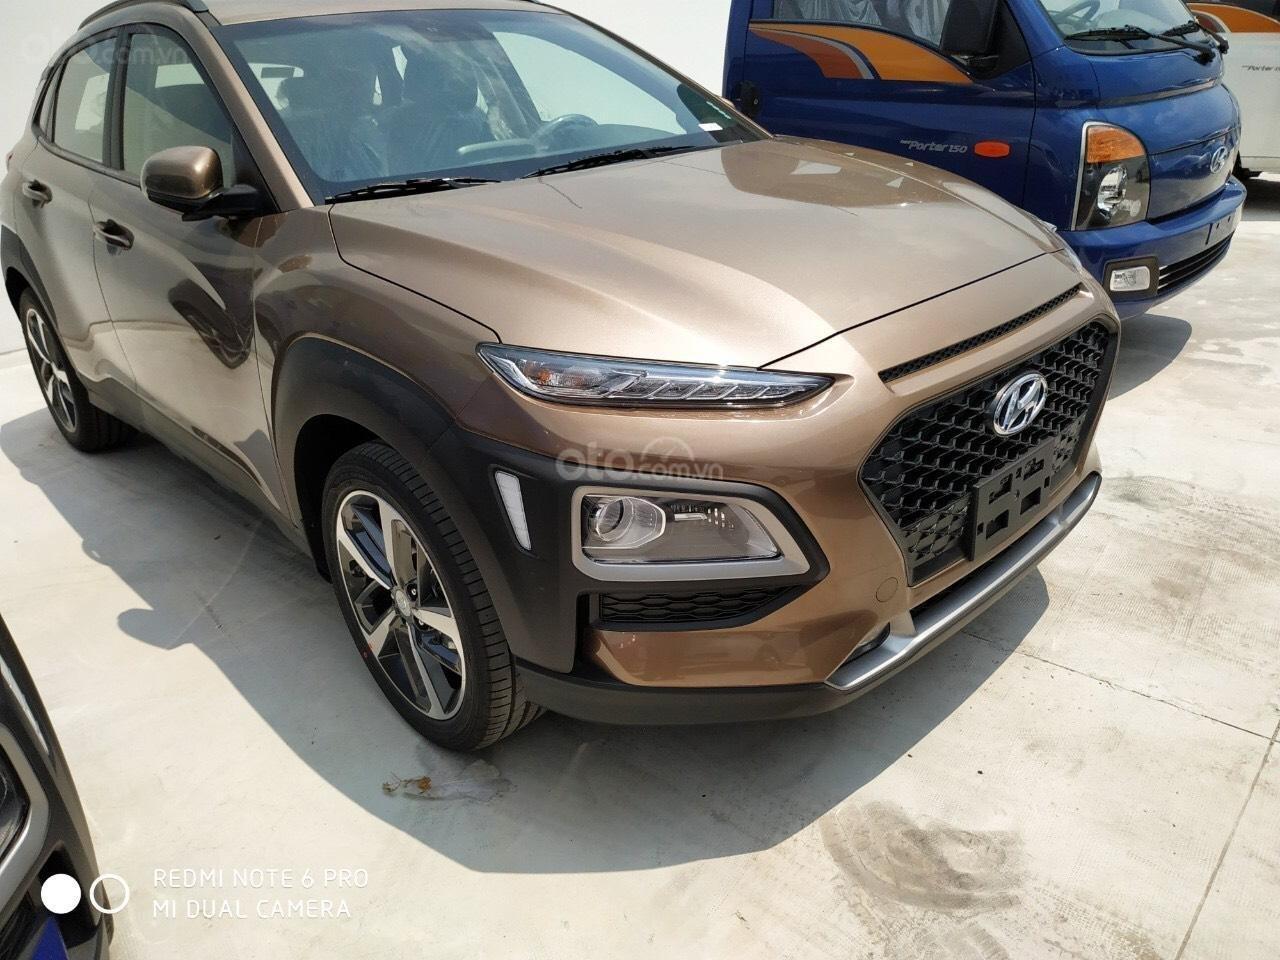 Hyundai Ngọc An bán Hyundai Santa Fe giá tốt, góp 90%, xe đủ màu giao ngay, tặng tiền mặt phụ kiện giá tốt nhất miền Nam (4)